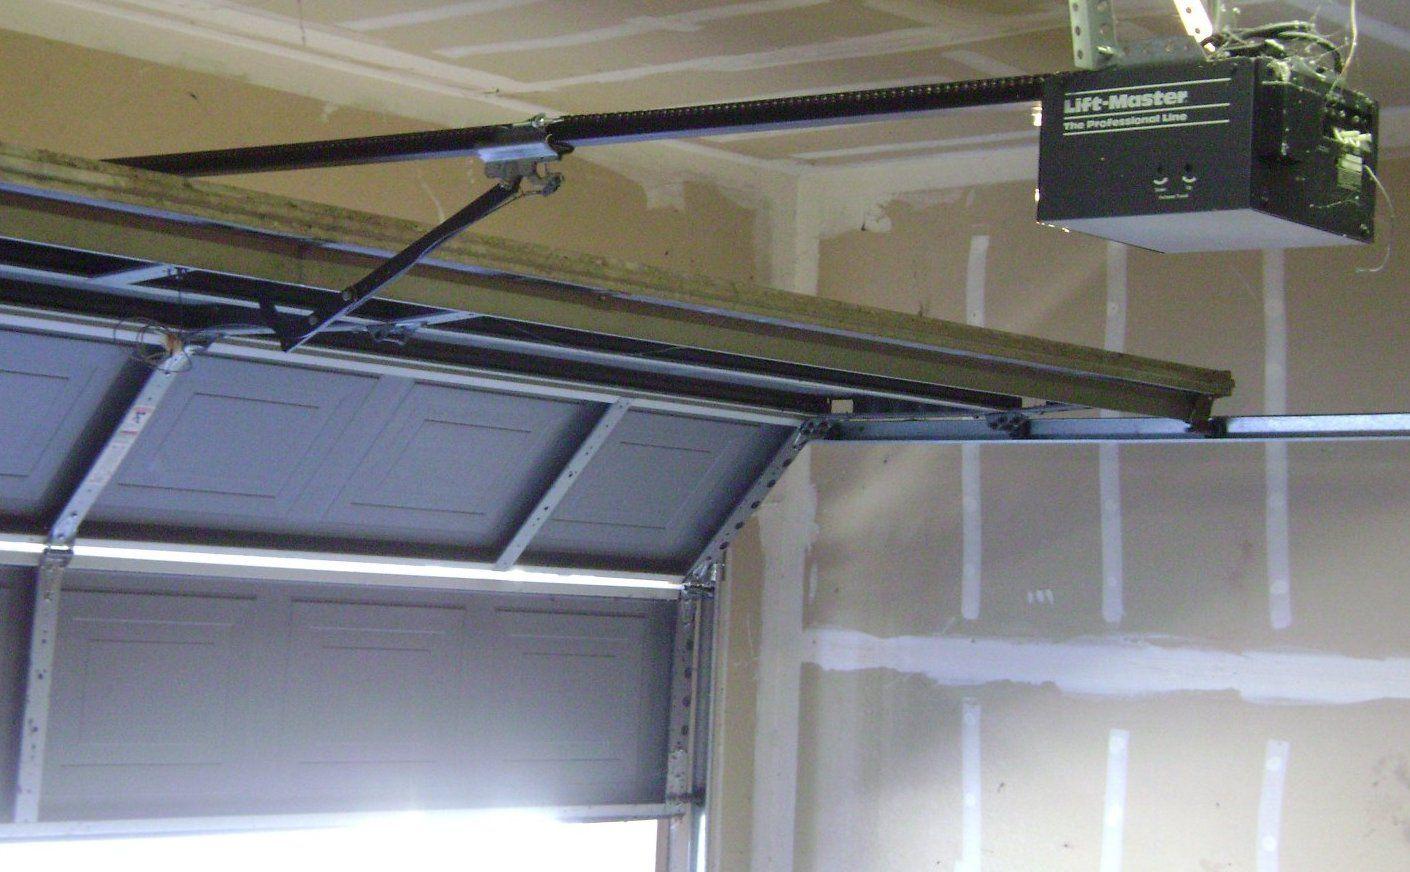 Garage Door Repair Stl Expands Its Services In 2020 Door Repair Affordable Garage Doors Garage Door Design